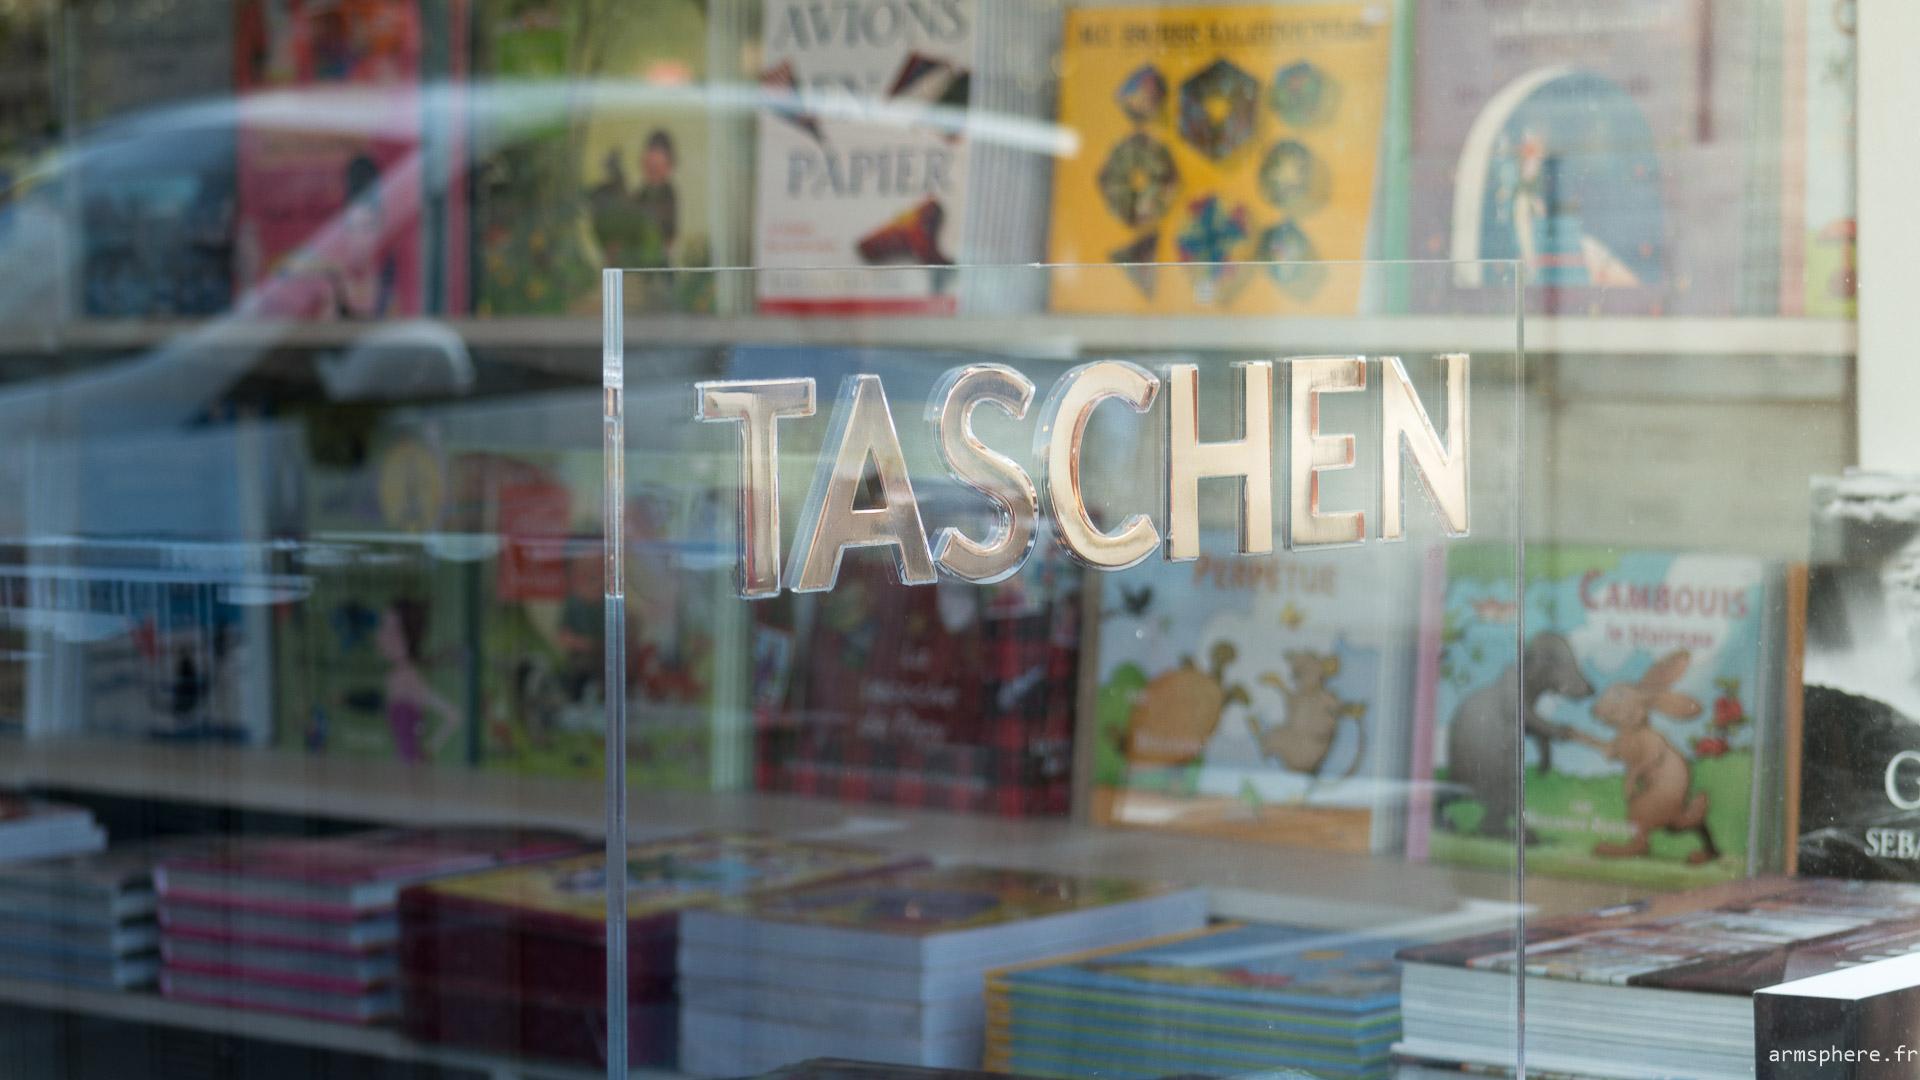 Taschen Art Book Lyon